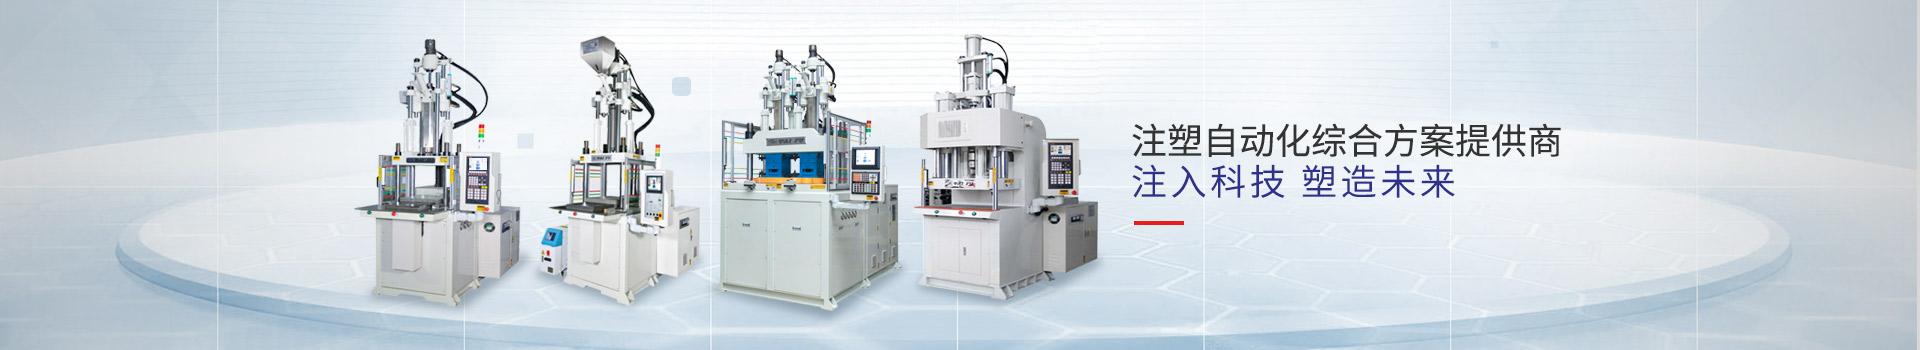 台富机械注塑自动化综合方案提供商